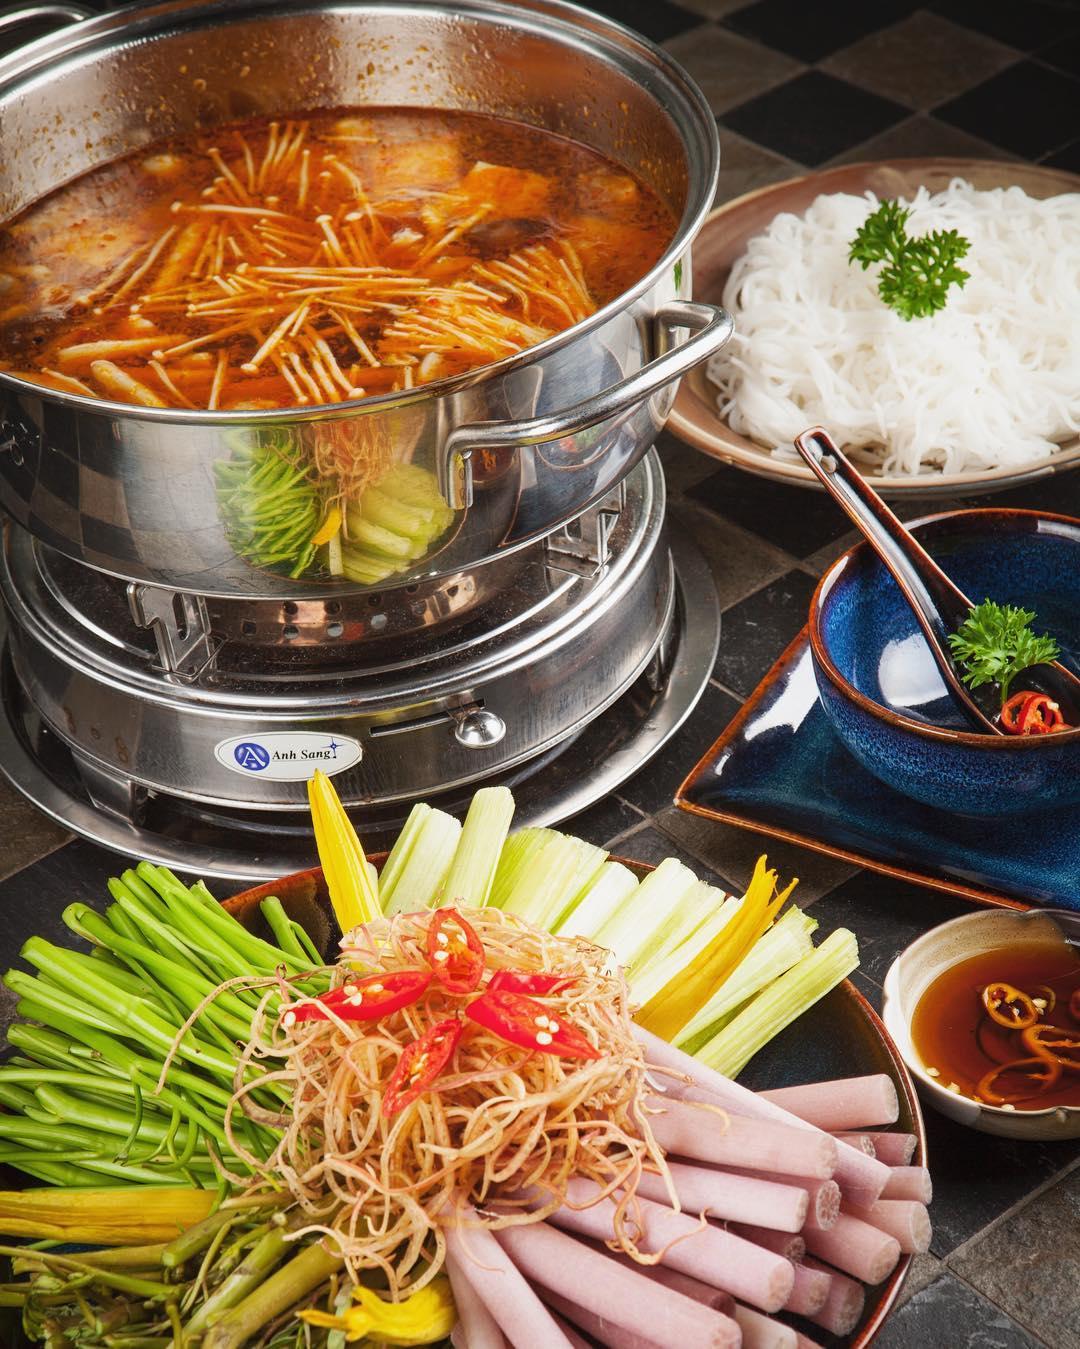 ẩm thực miền tây mùa nước nổi khamphadisan 6